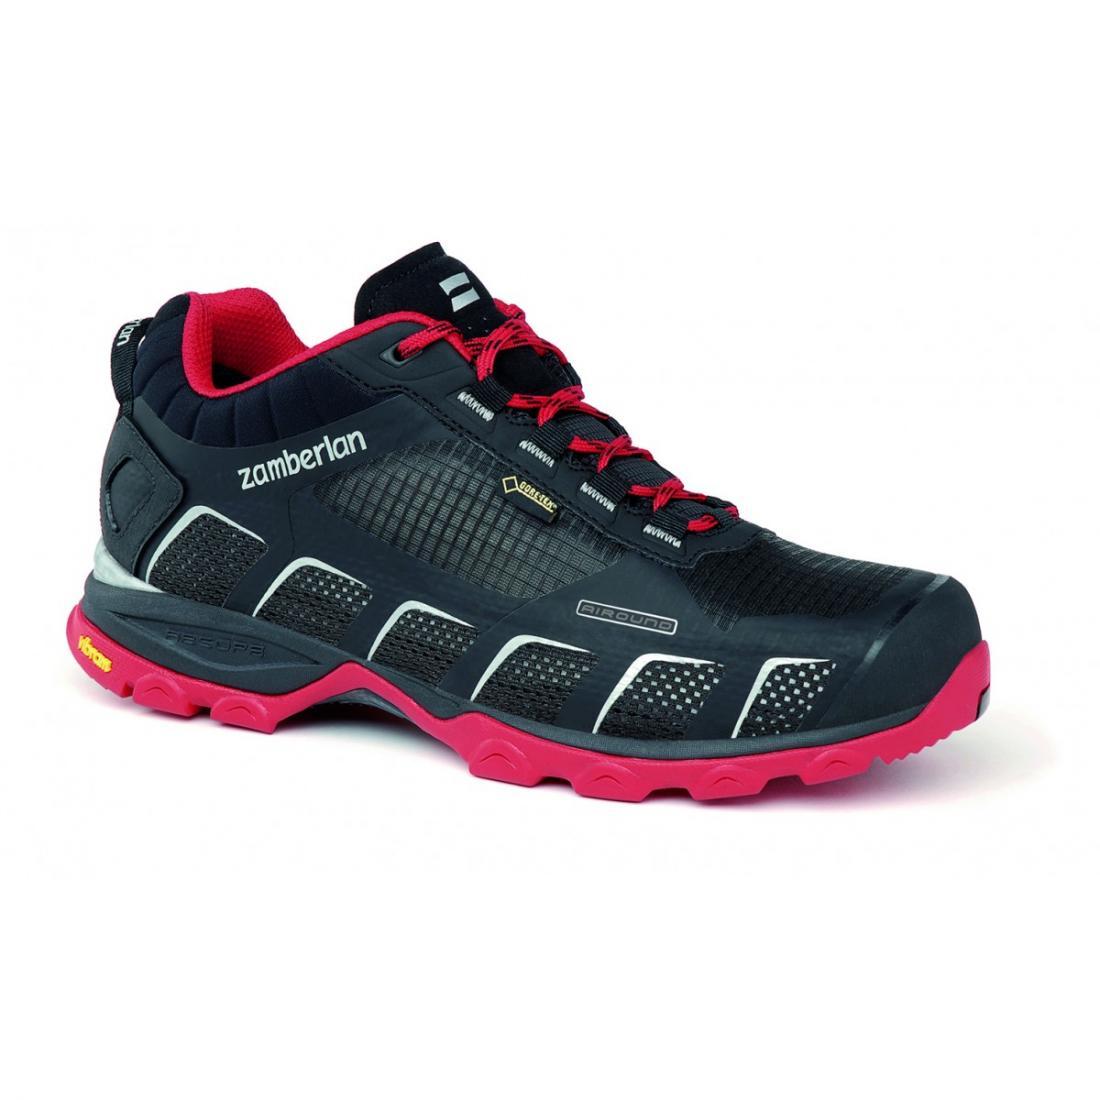 Кроссовки 132 AIR-ROUND GTX RRХайкинговые<br>Стильные ботинки средней высоты для легкого и уверенного движения по горным тропам. Комфортная посадка этих ботинок усовершенствована з...<br><br>Цвет: Черный<br>Размер: 46